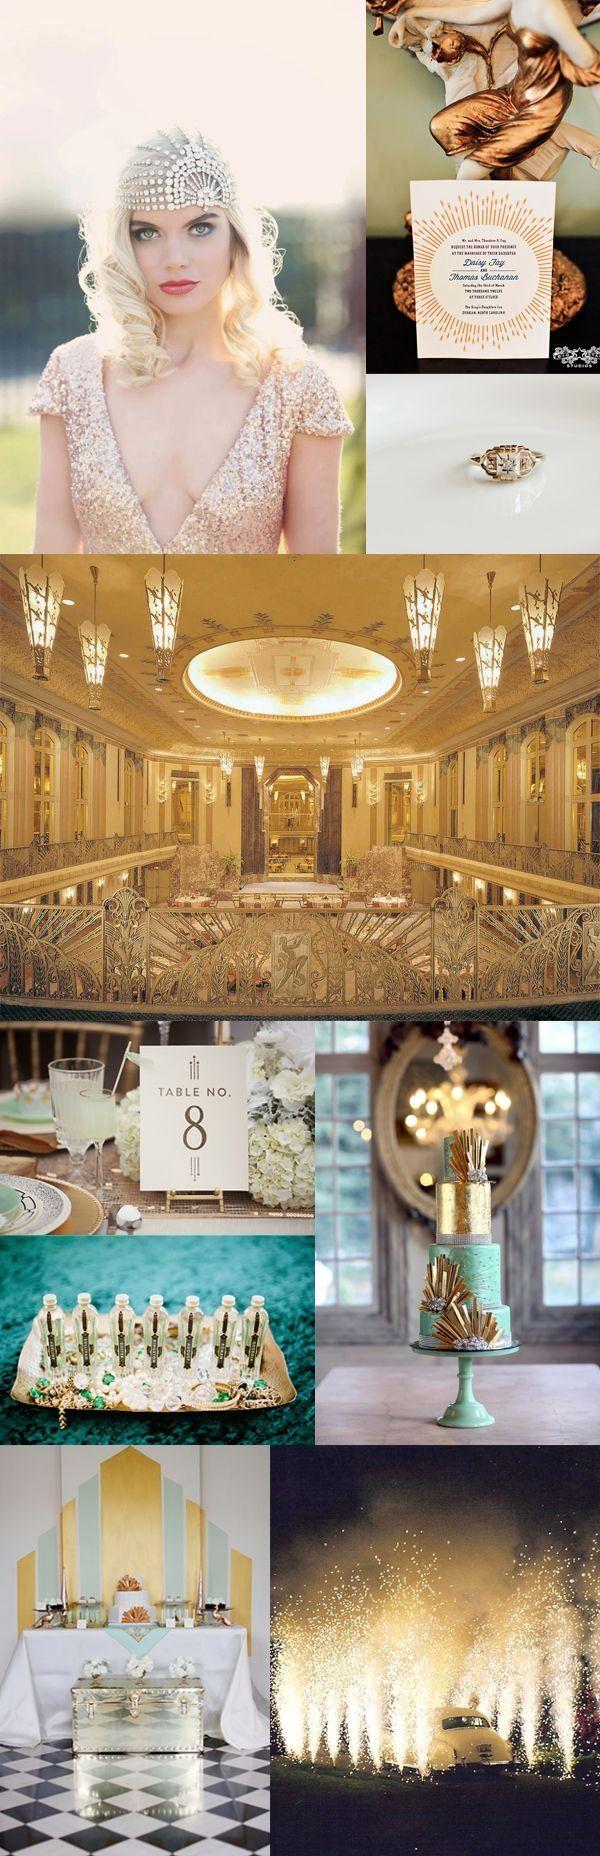 1920's | Gatsby Glam | Art Deco | Wedding | Vintage | Old Hollywood | Wedding Decor  Design #gatsbyglam #artdecoweddings